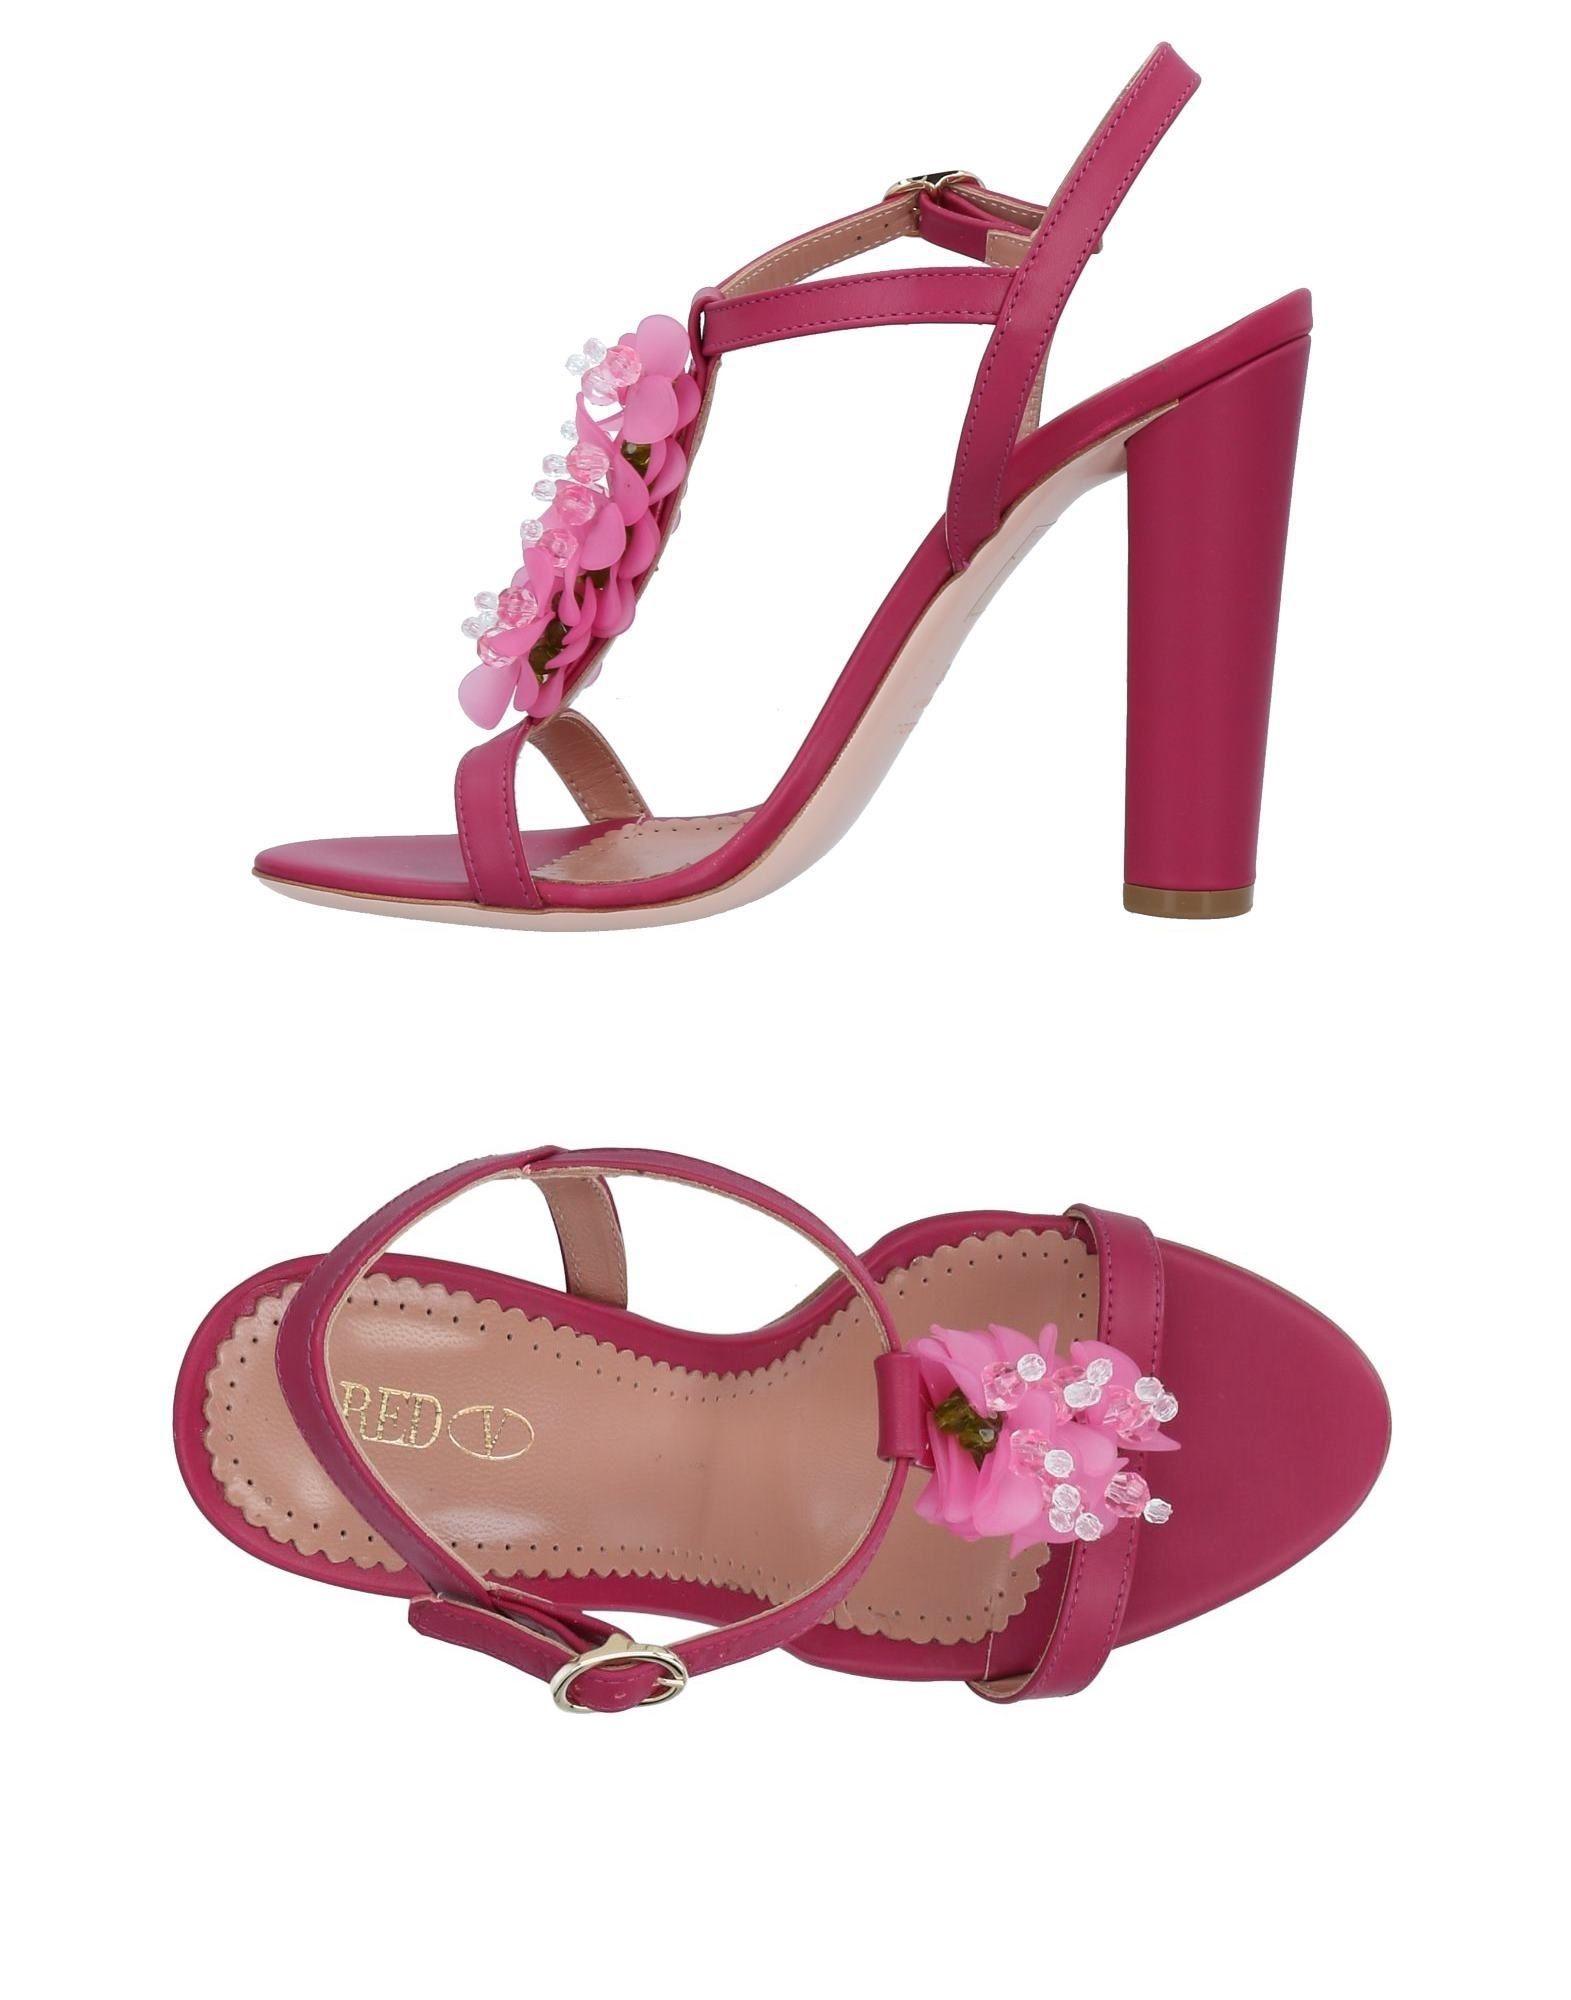 Moda Sandali Red(V) Donna - 11494495DJ